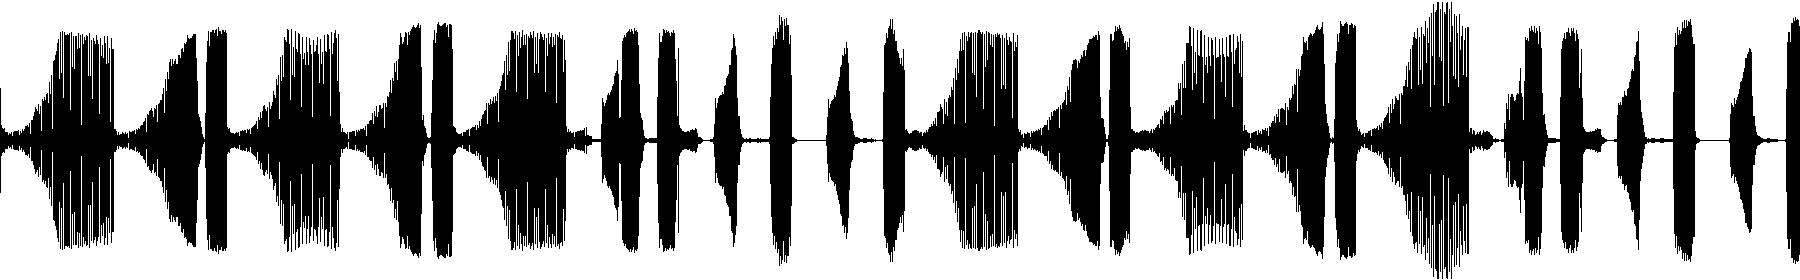 synth bassloop 126 cm